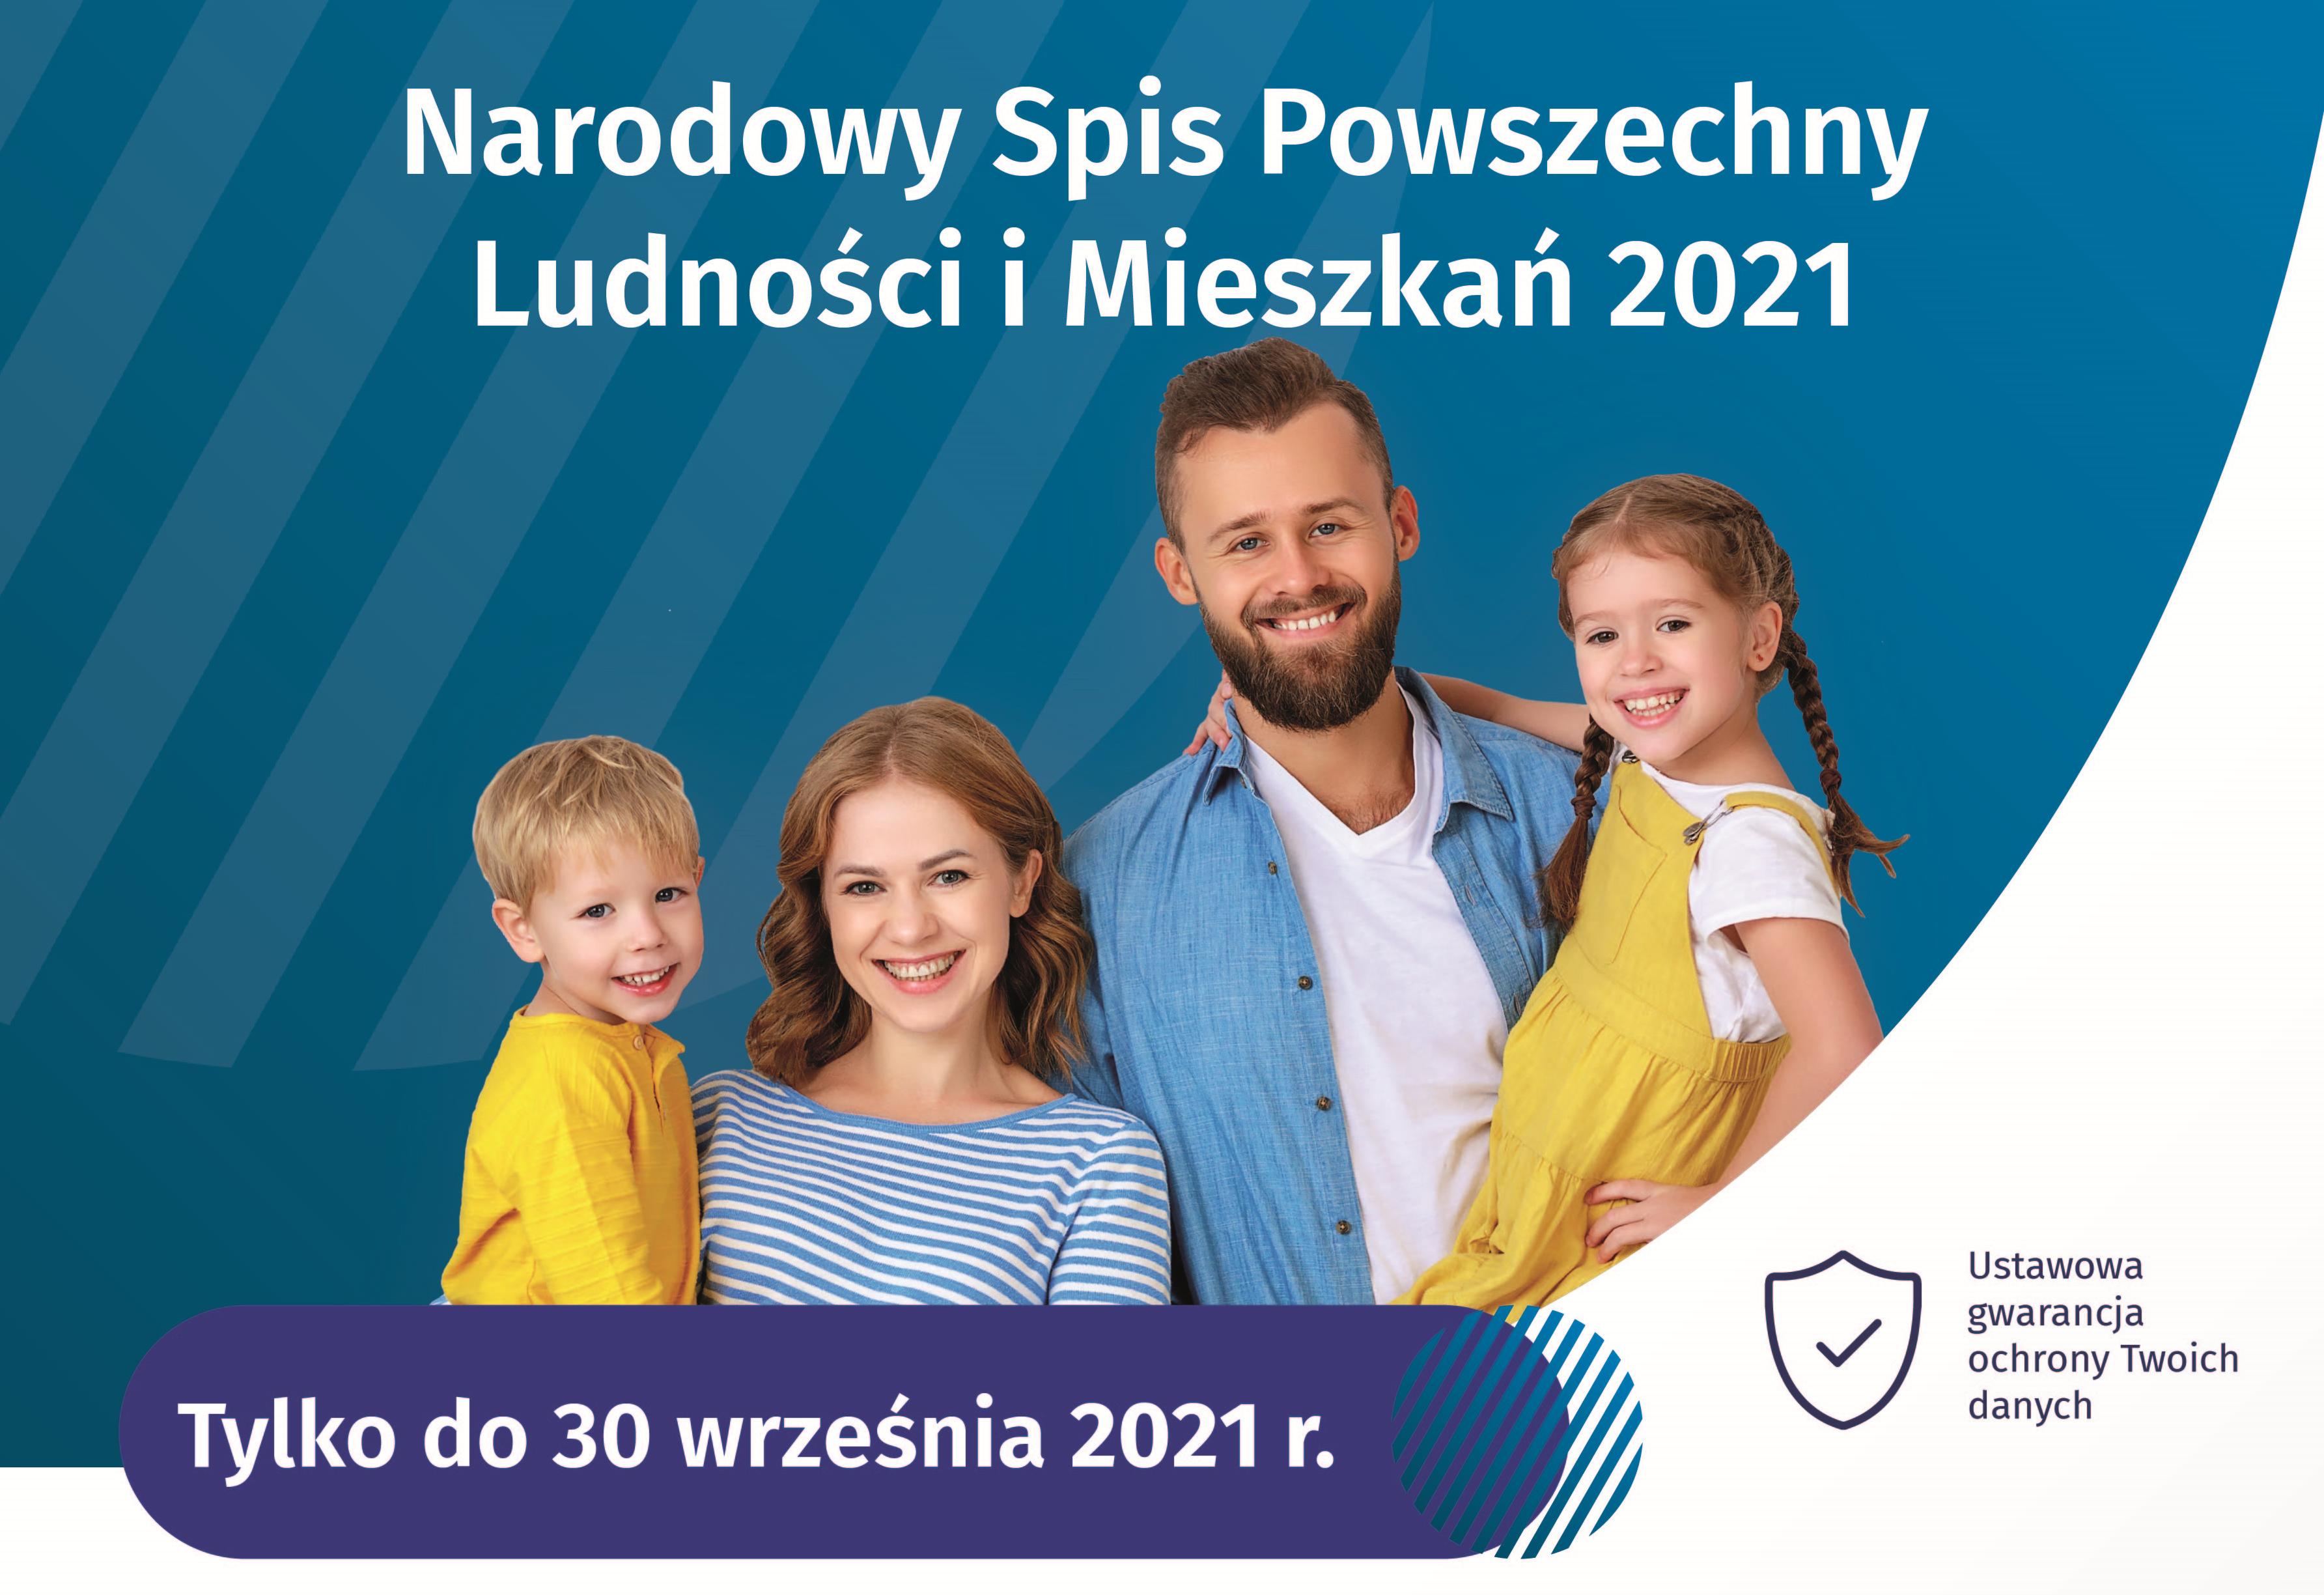 infornmacja dotycząca terminu zakonczenia Narodowego Spisu Powszeczniego 2021, na obrazku uśmiechnieta rodzina